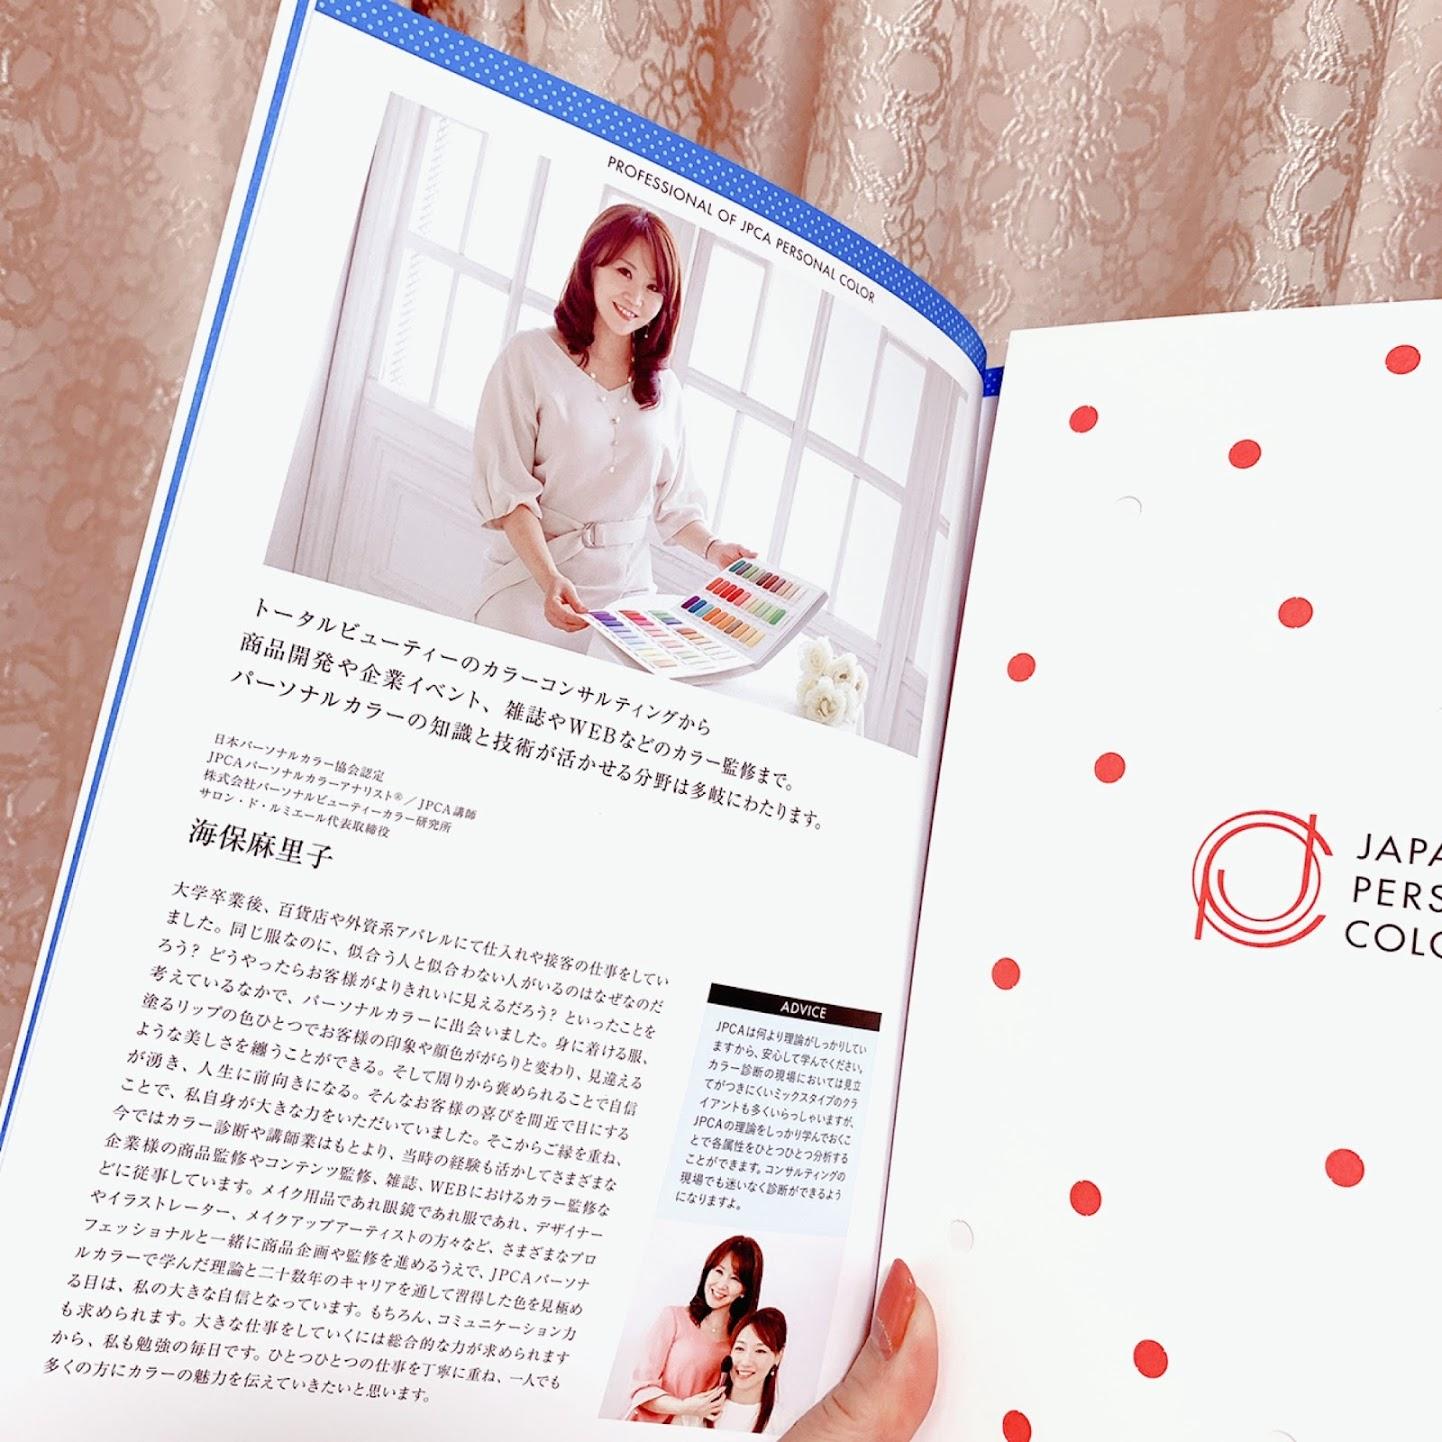 パーソナルカラー協会公式テキスト 日本パーソナルカラー認定講師 海保麻里子